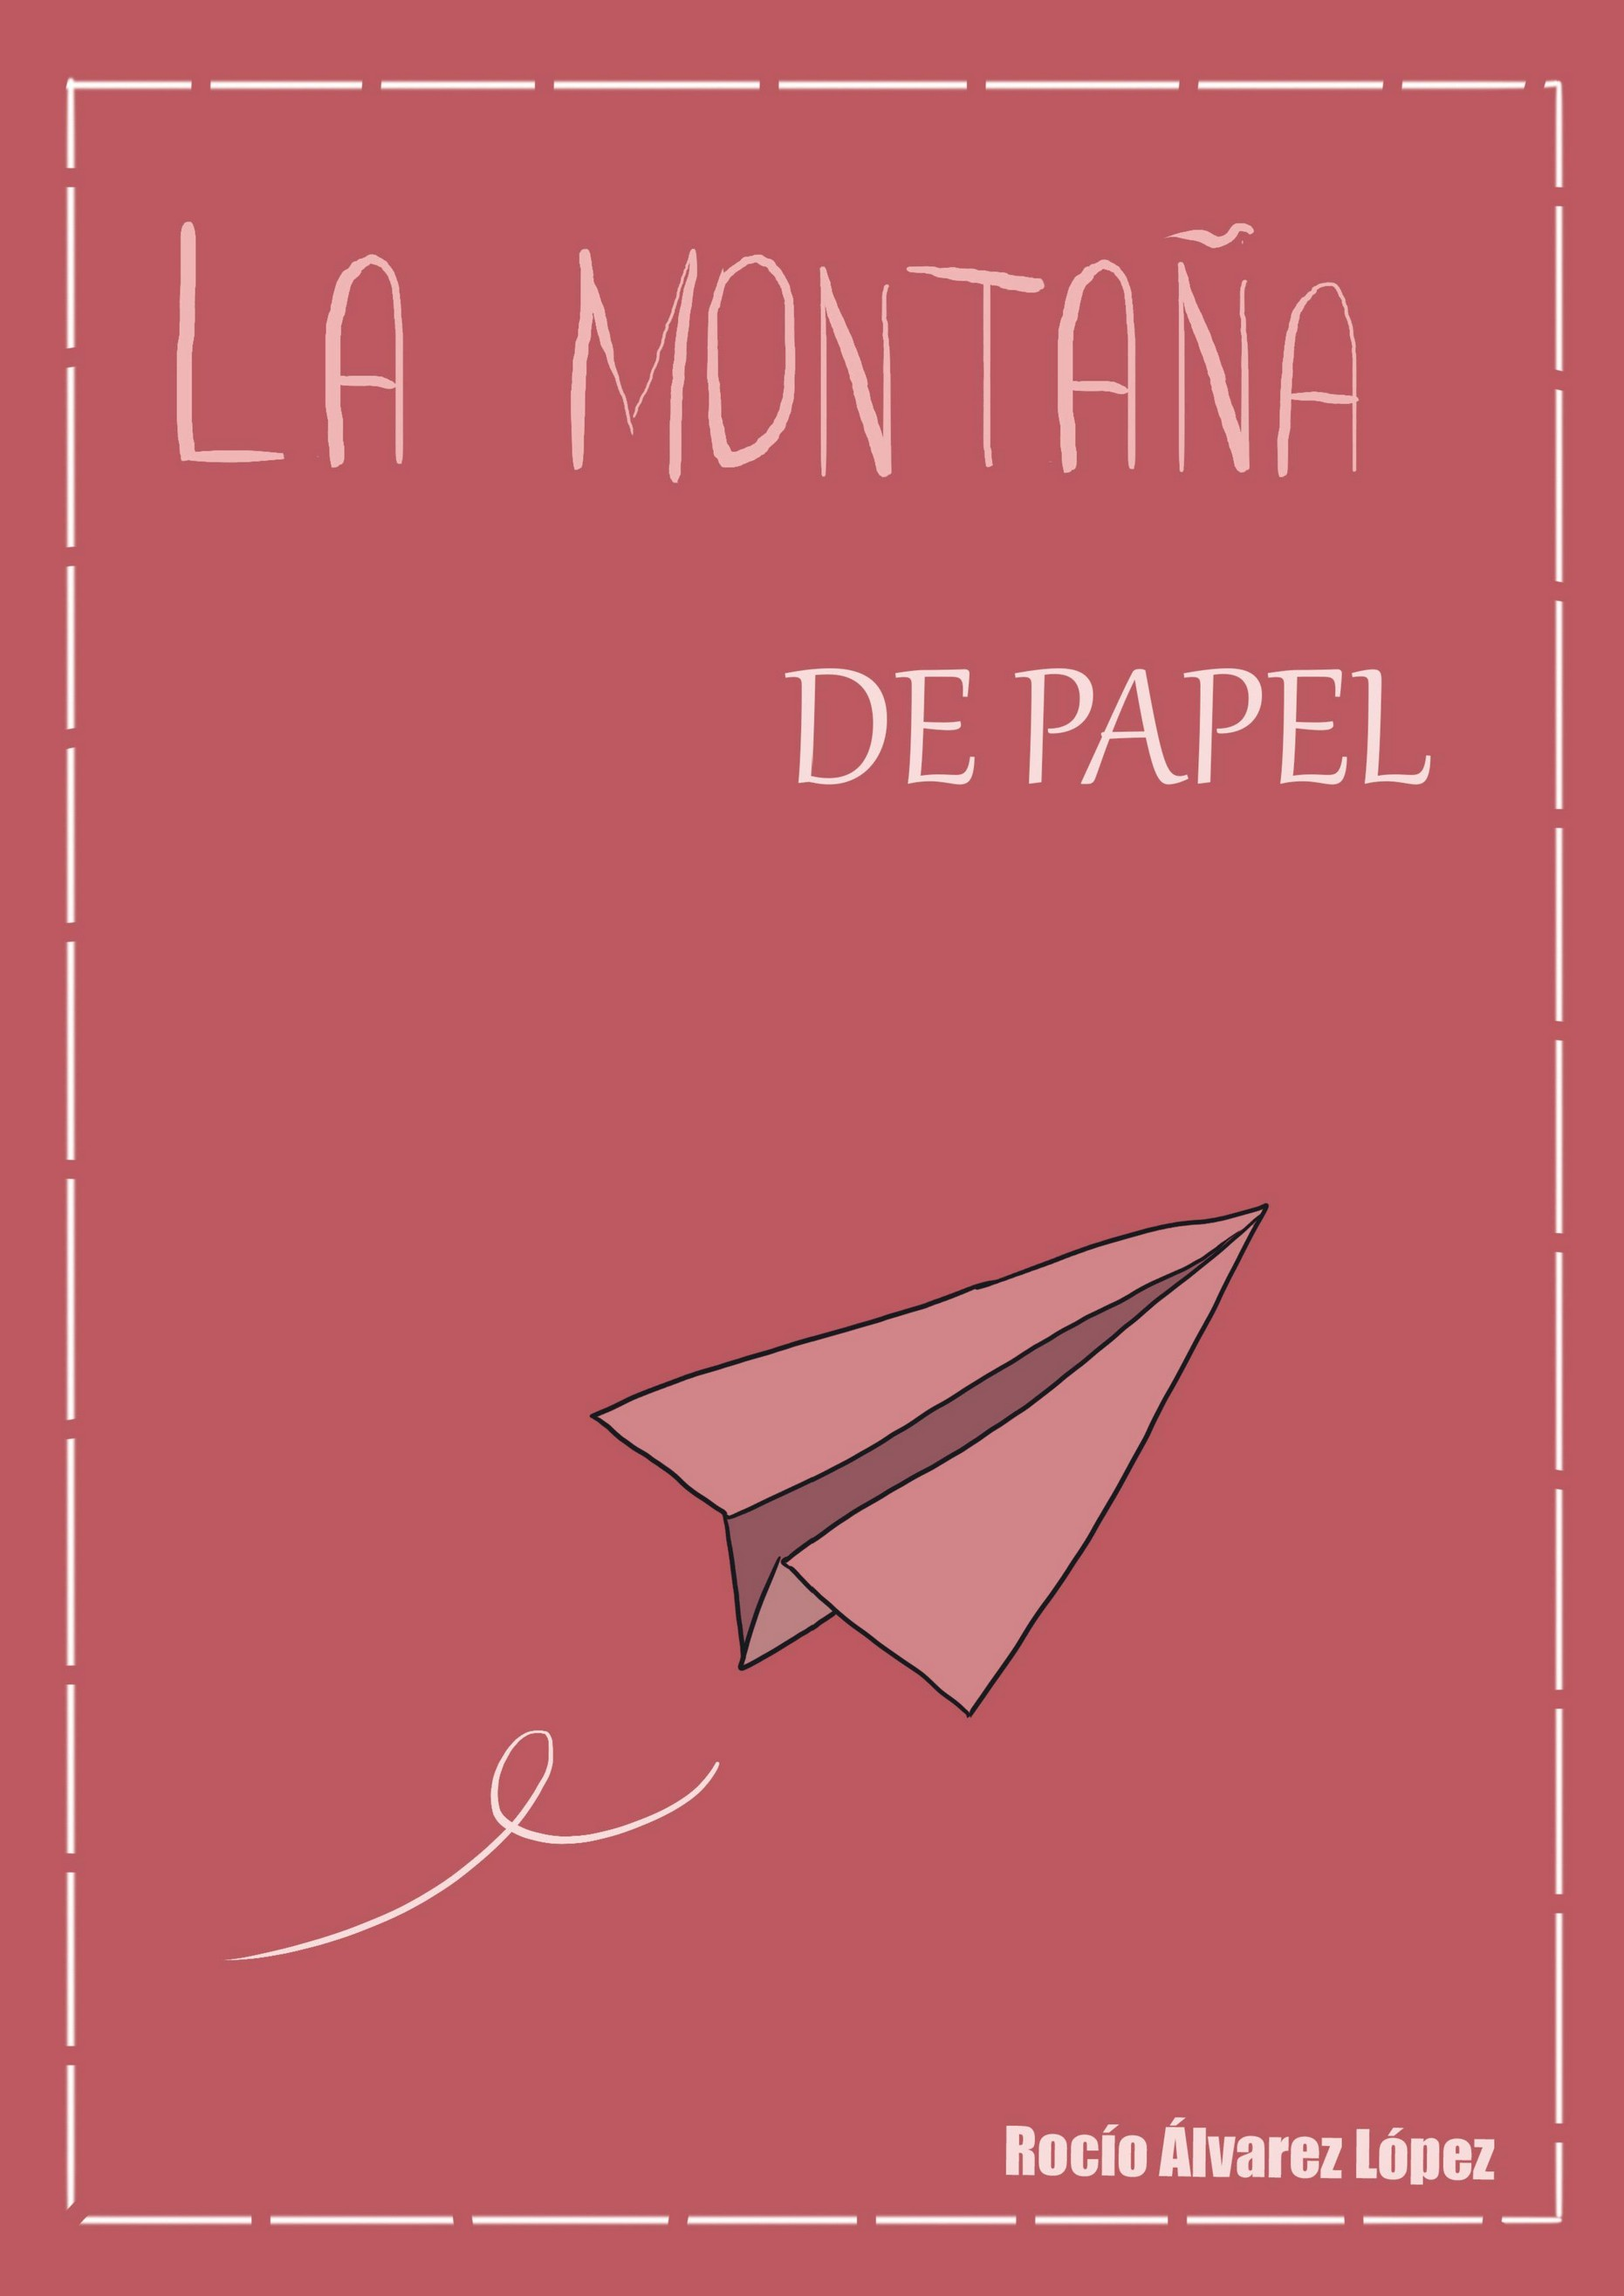 LaMontañaDePapel_Rocío_Álvarez_López_pagina00001